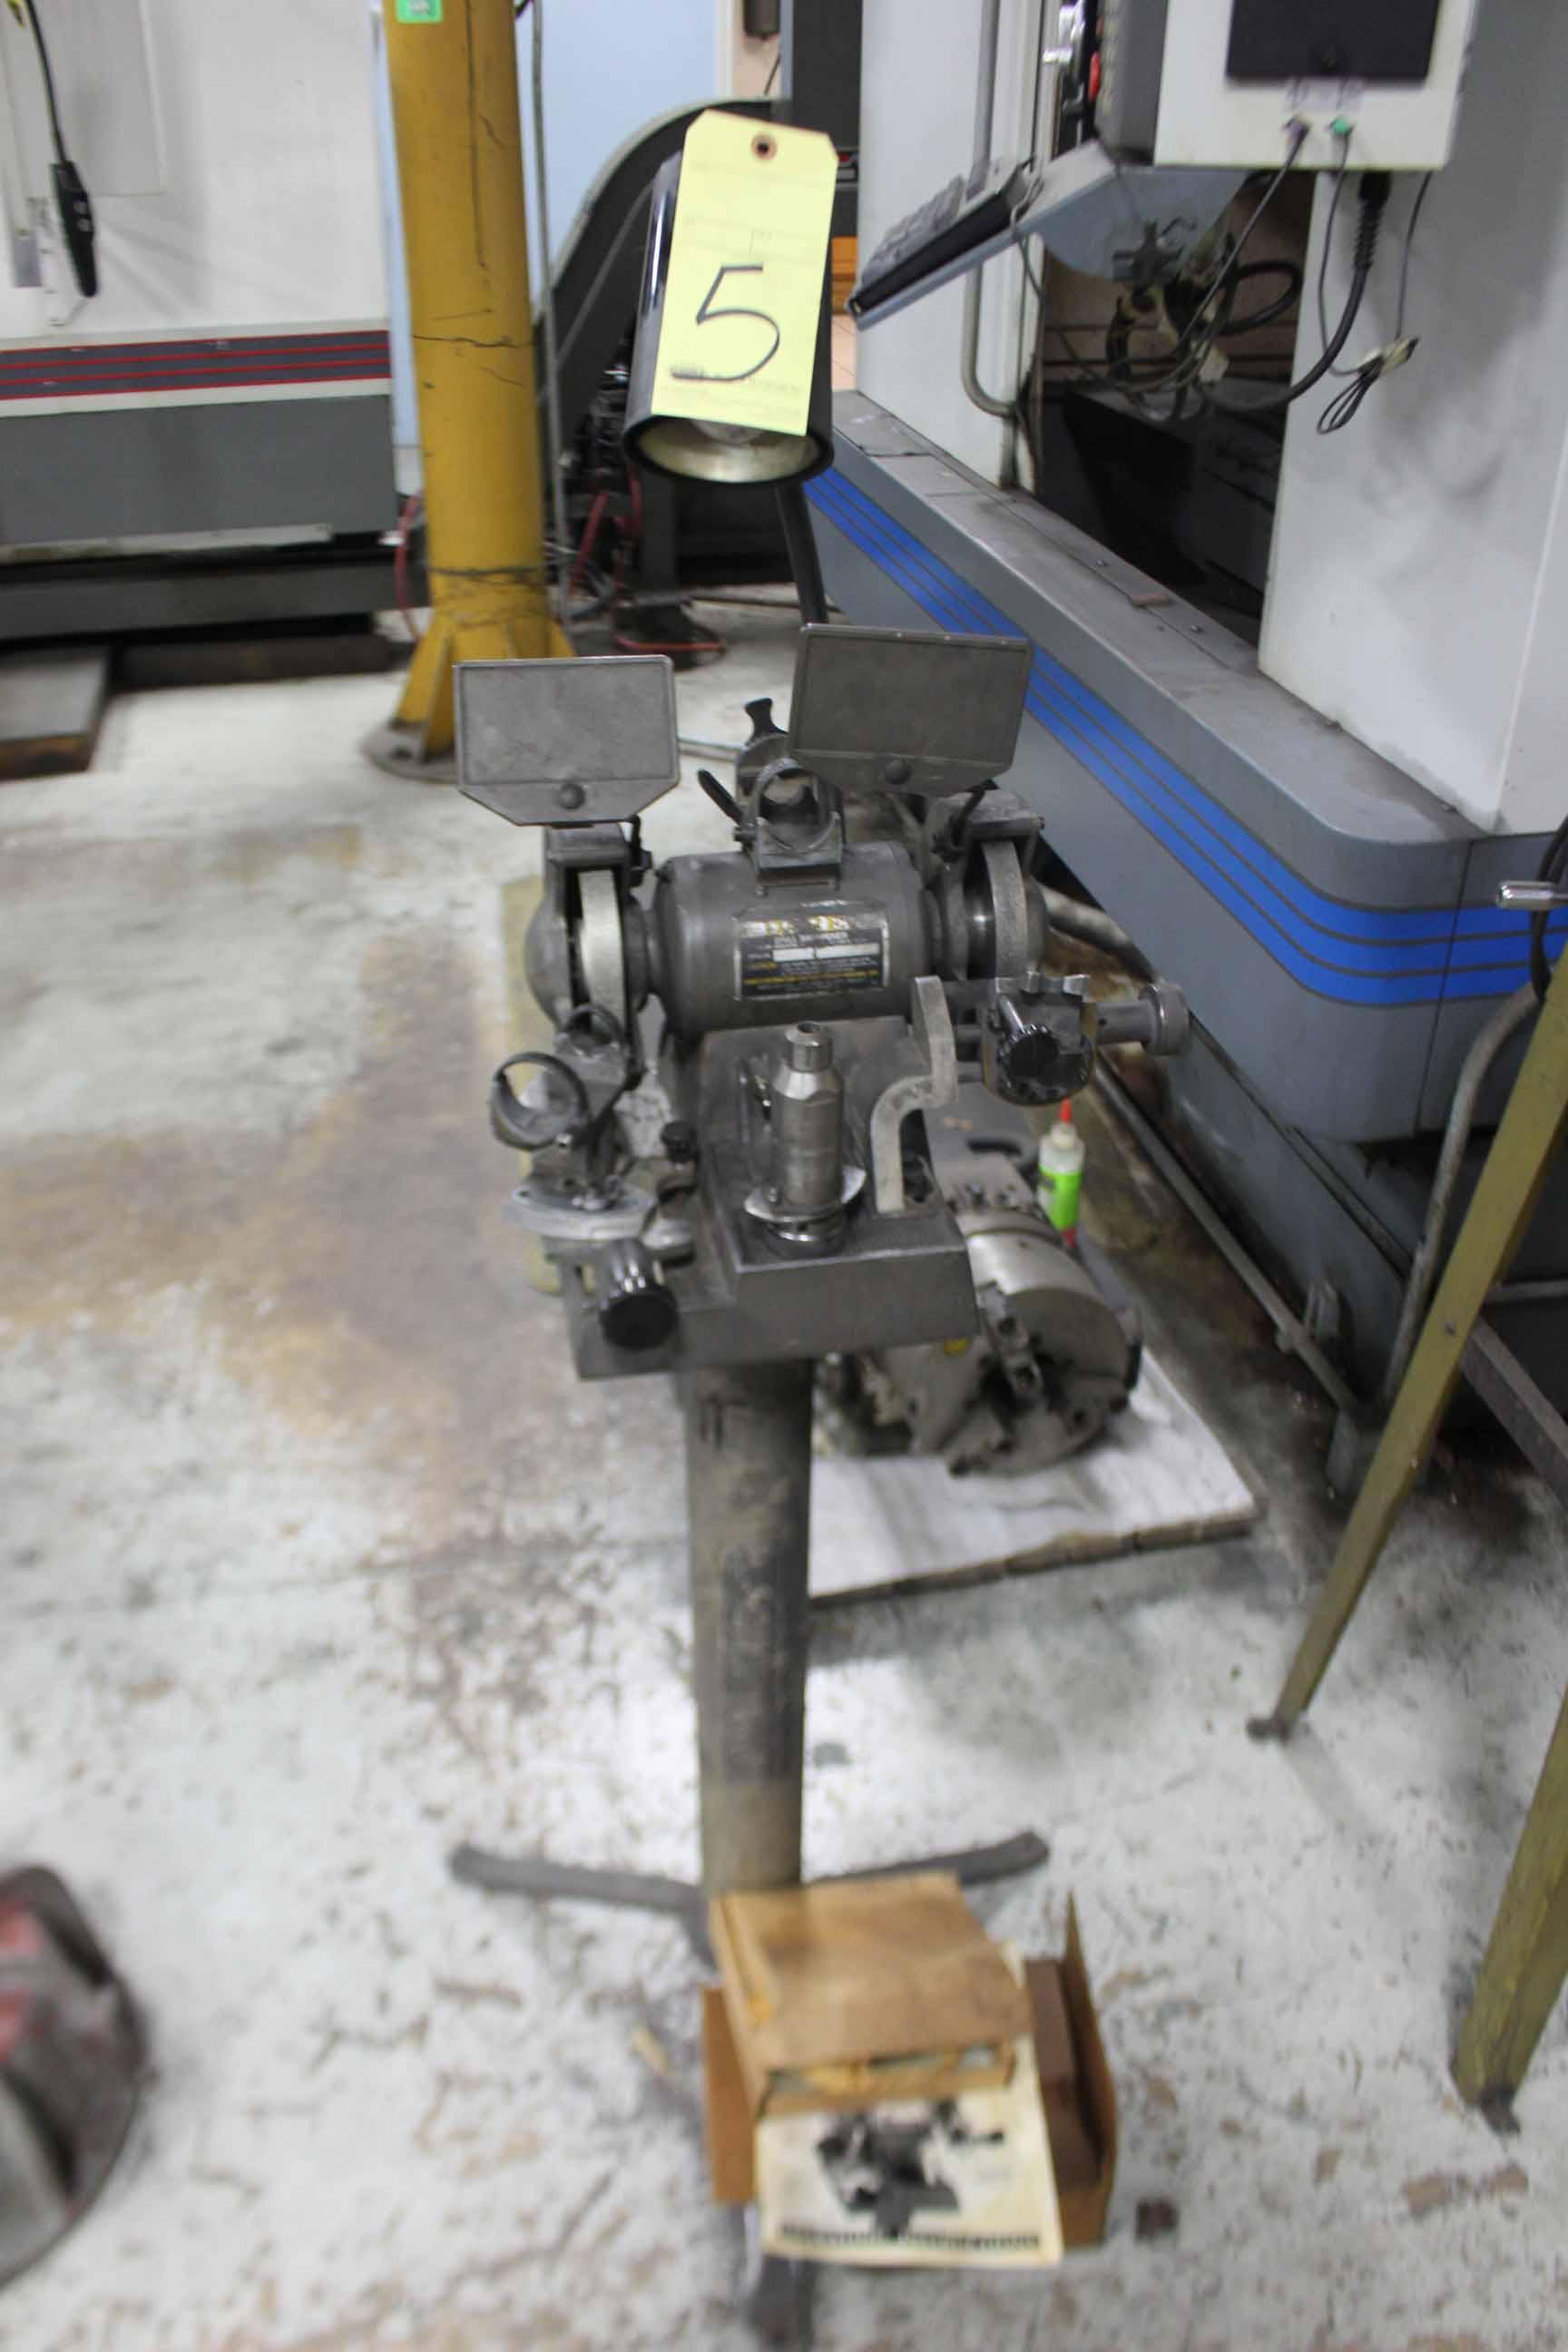 Lot 5 - DRILL SHARPENER, DAREX, 1/3 HP motor, S/N 532888C